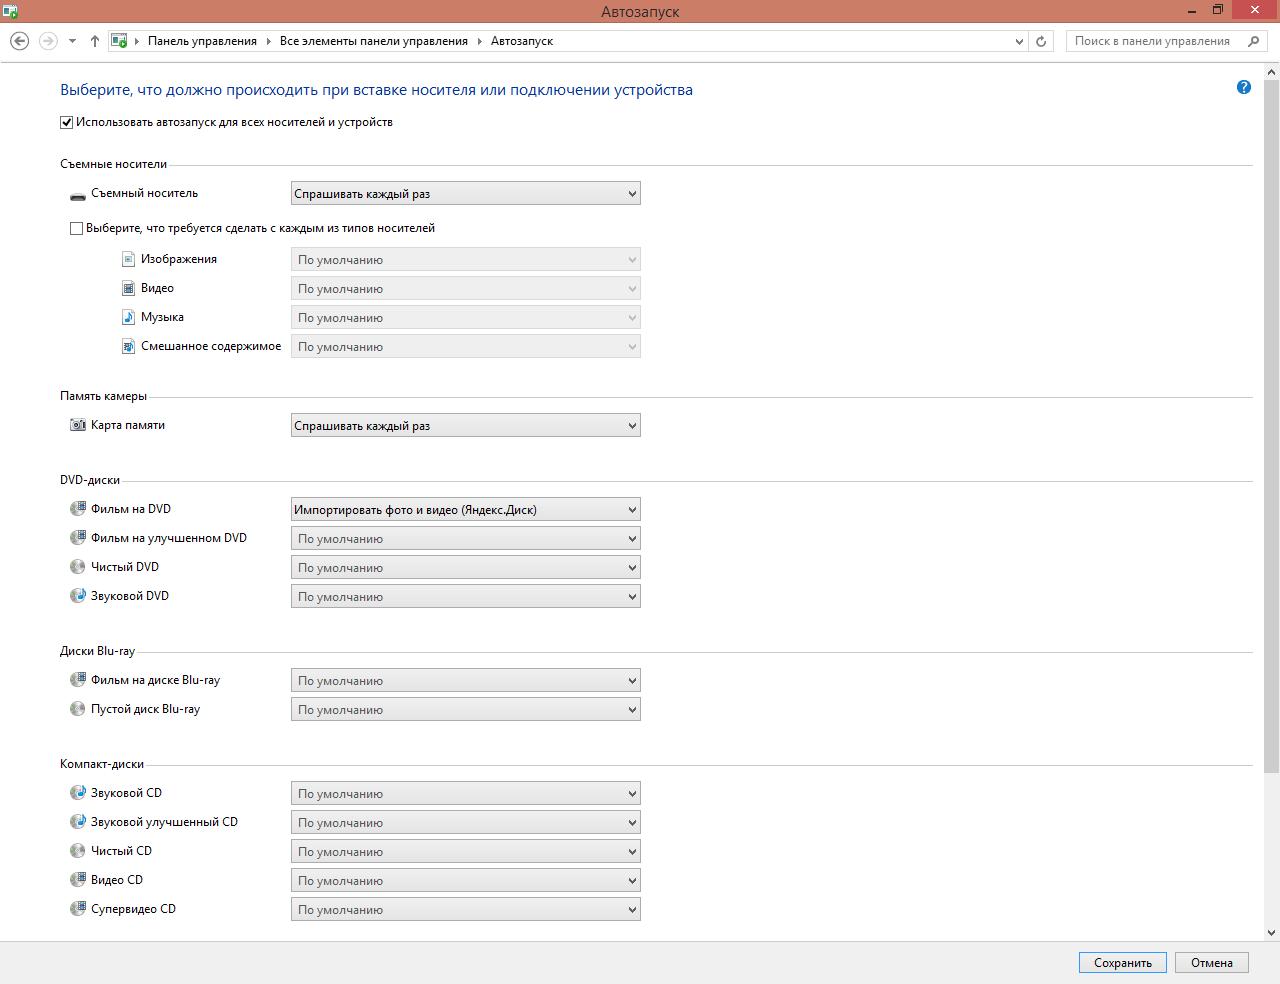 Как отключить автозагрузку флешек и DVD дисков в Windows-01